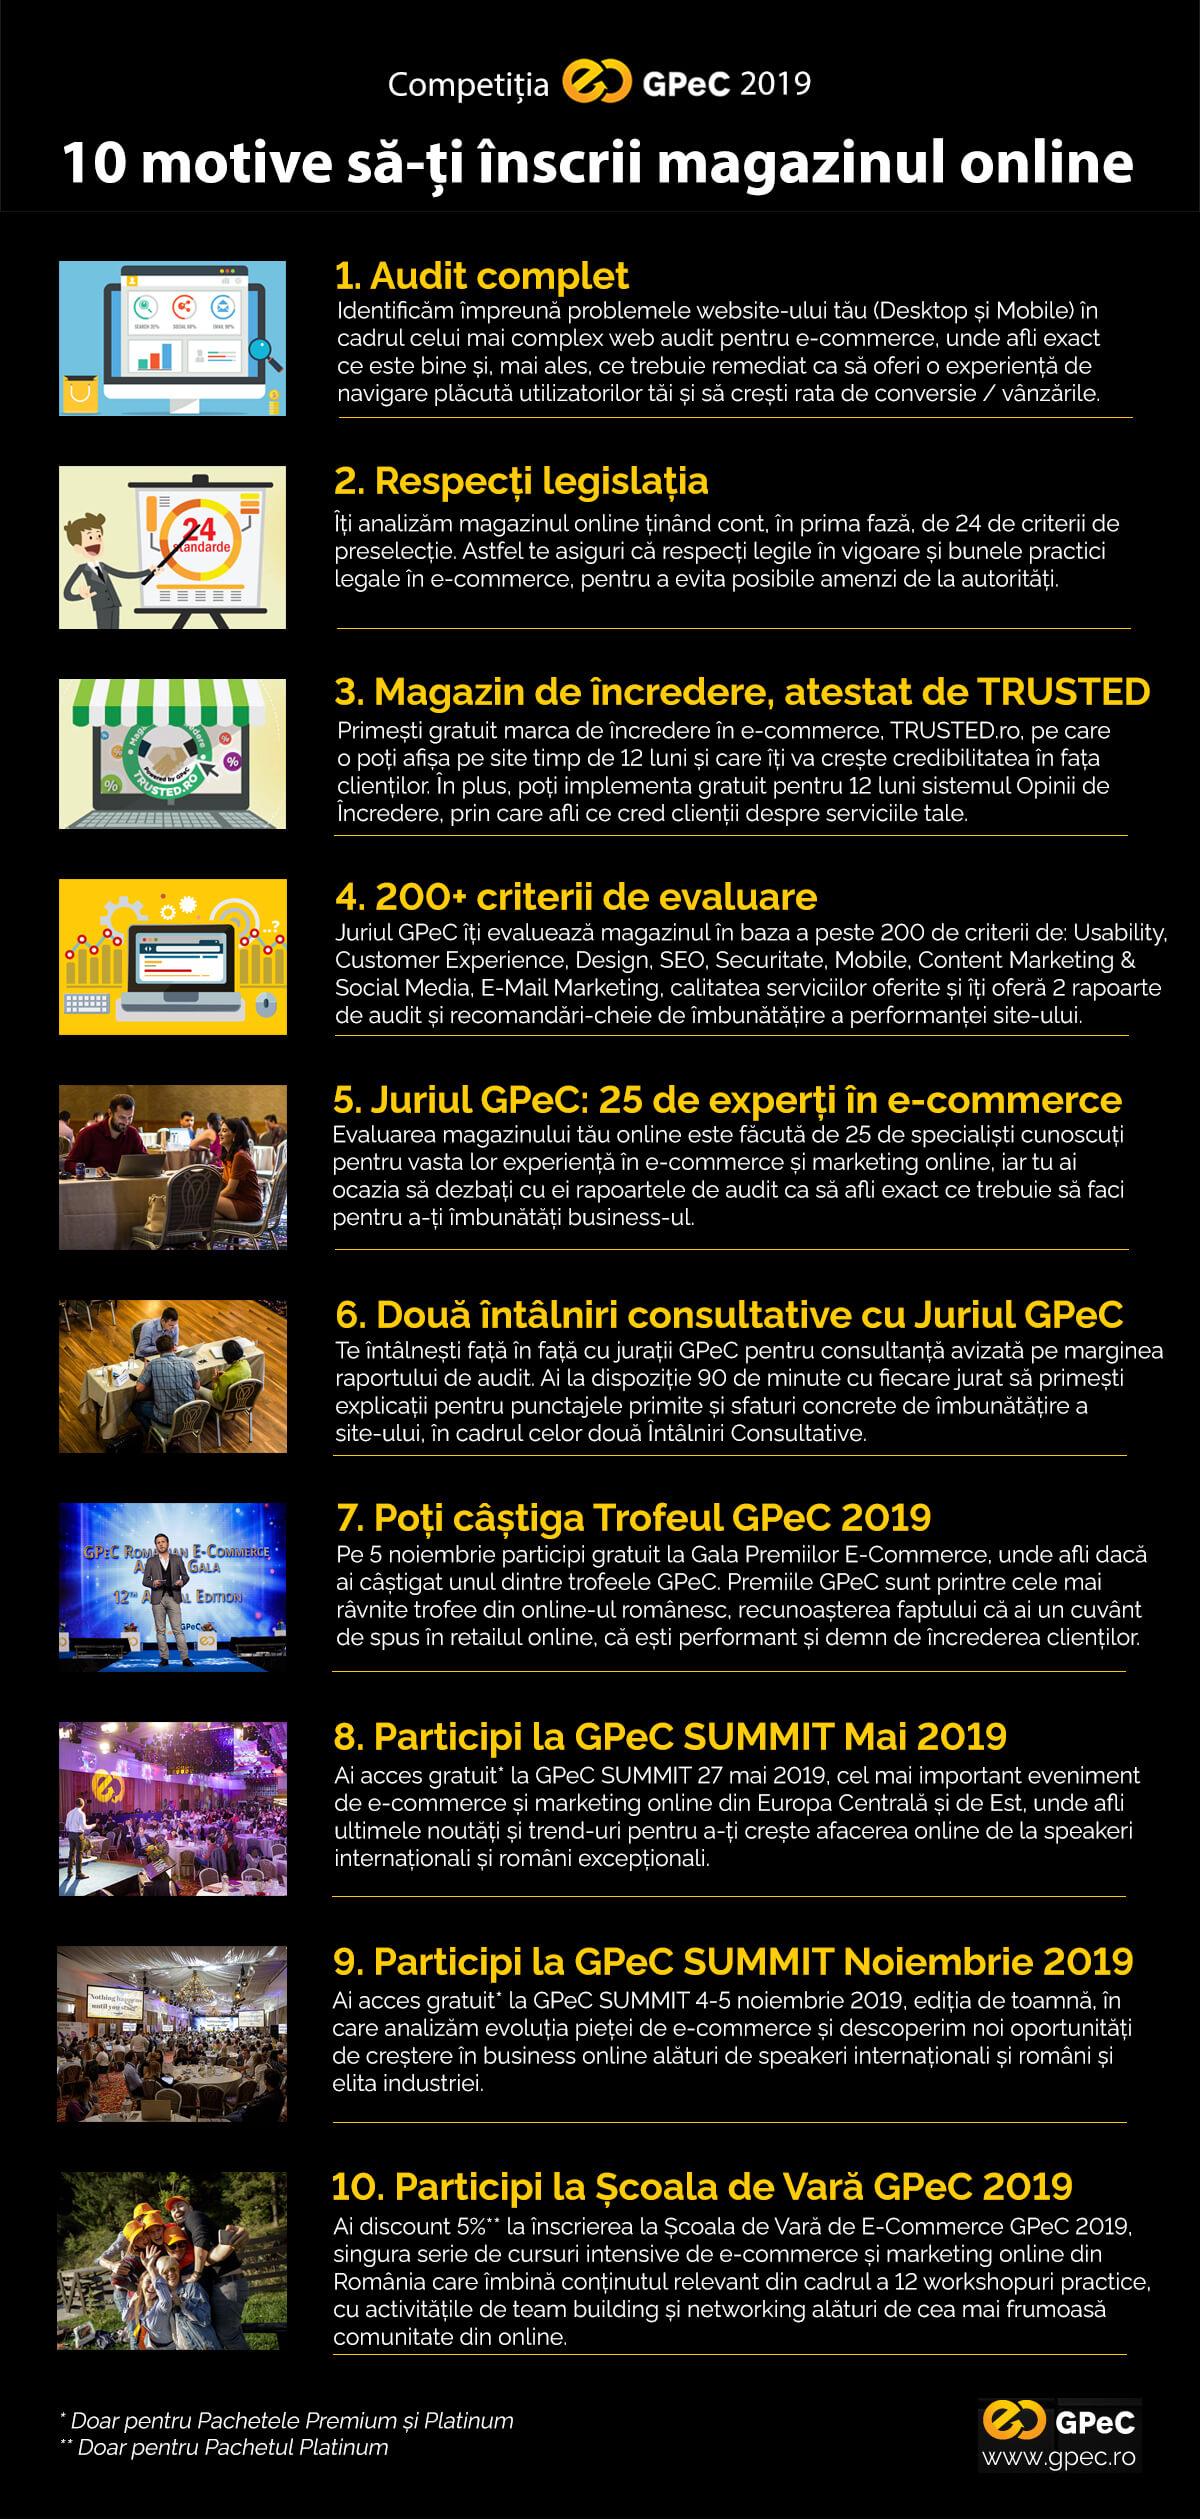 10 motive să-ți înscrii magazinul-online în Competiția GPeC 2019